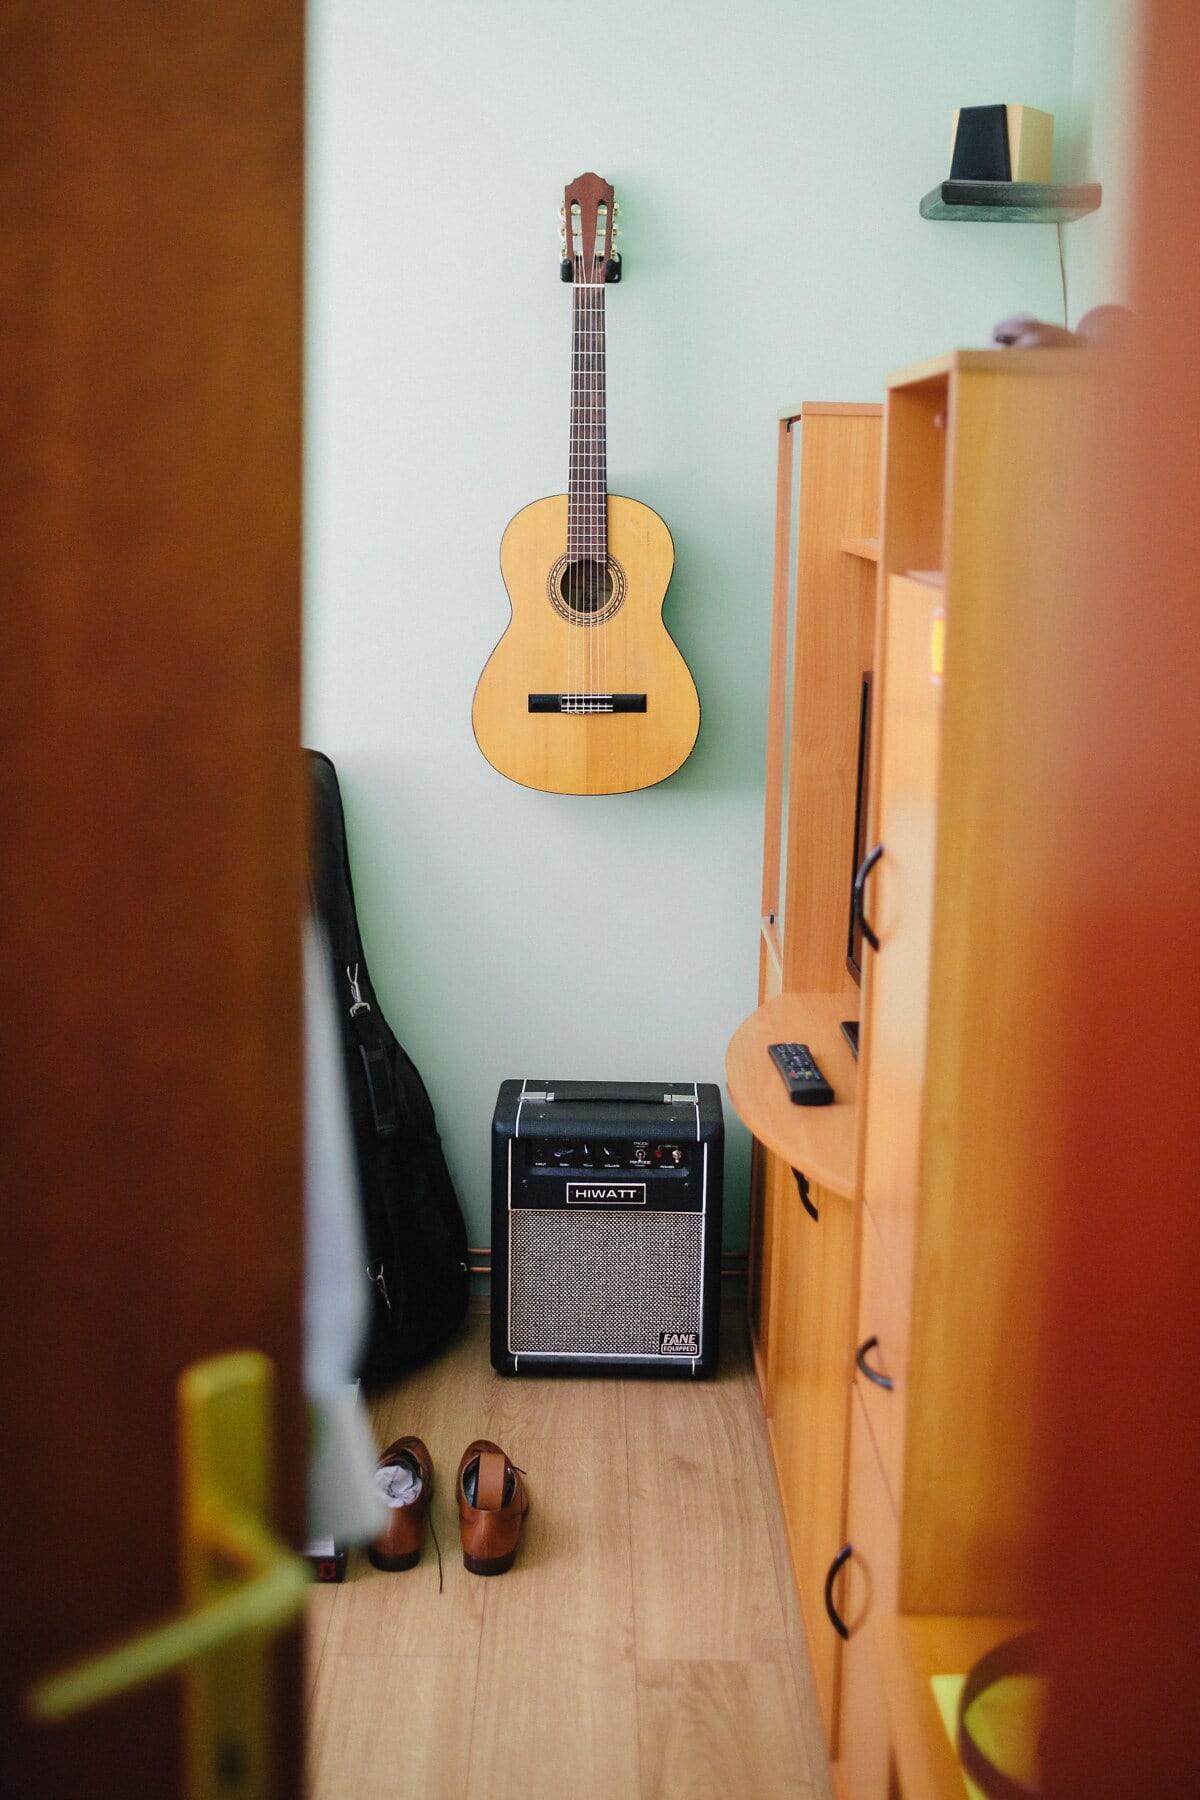 Instrument, Gitarre, Zimmer, Innenraum, Musik, Möbel, Klang, Holz, Zeichenfolge, musikalischen